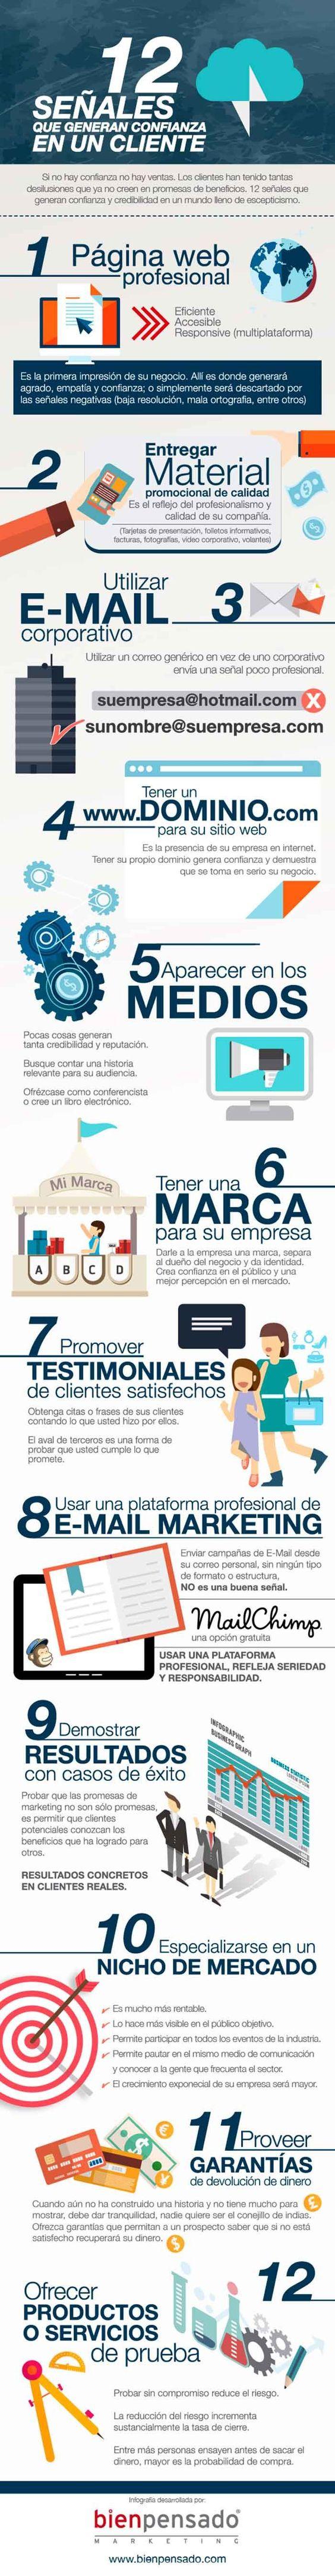 Infografia sobre las 12 señales que generan confianza en los clientes: